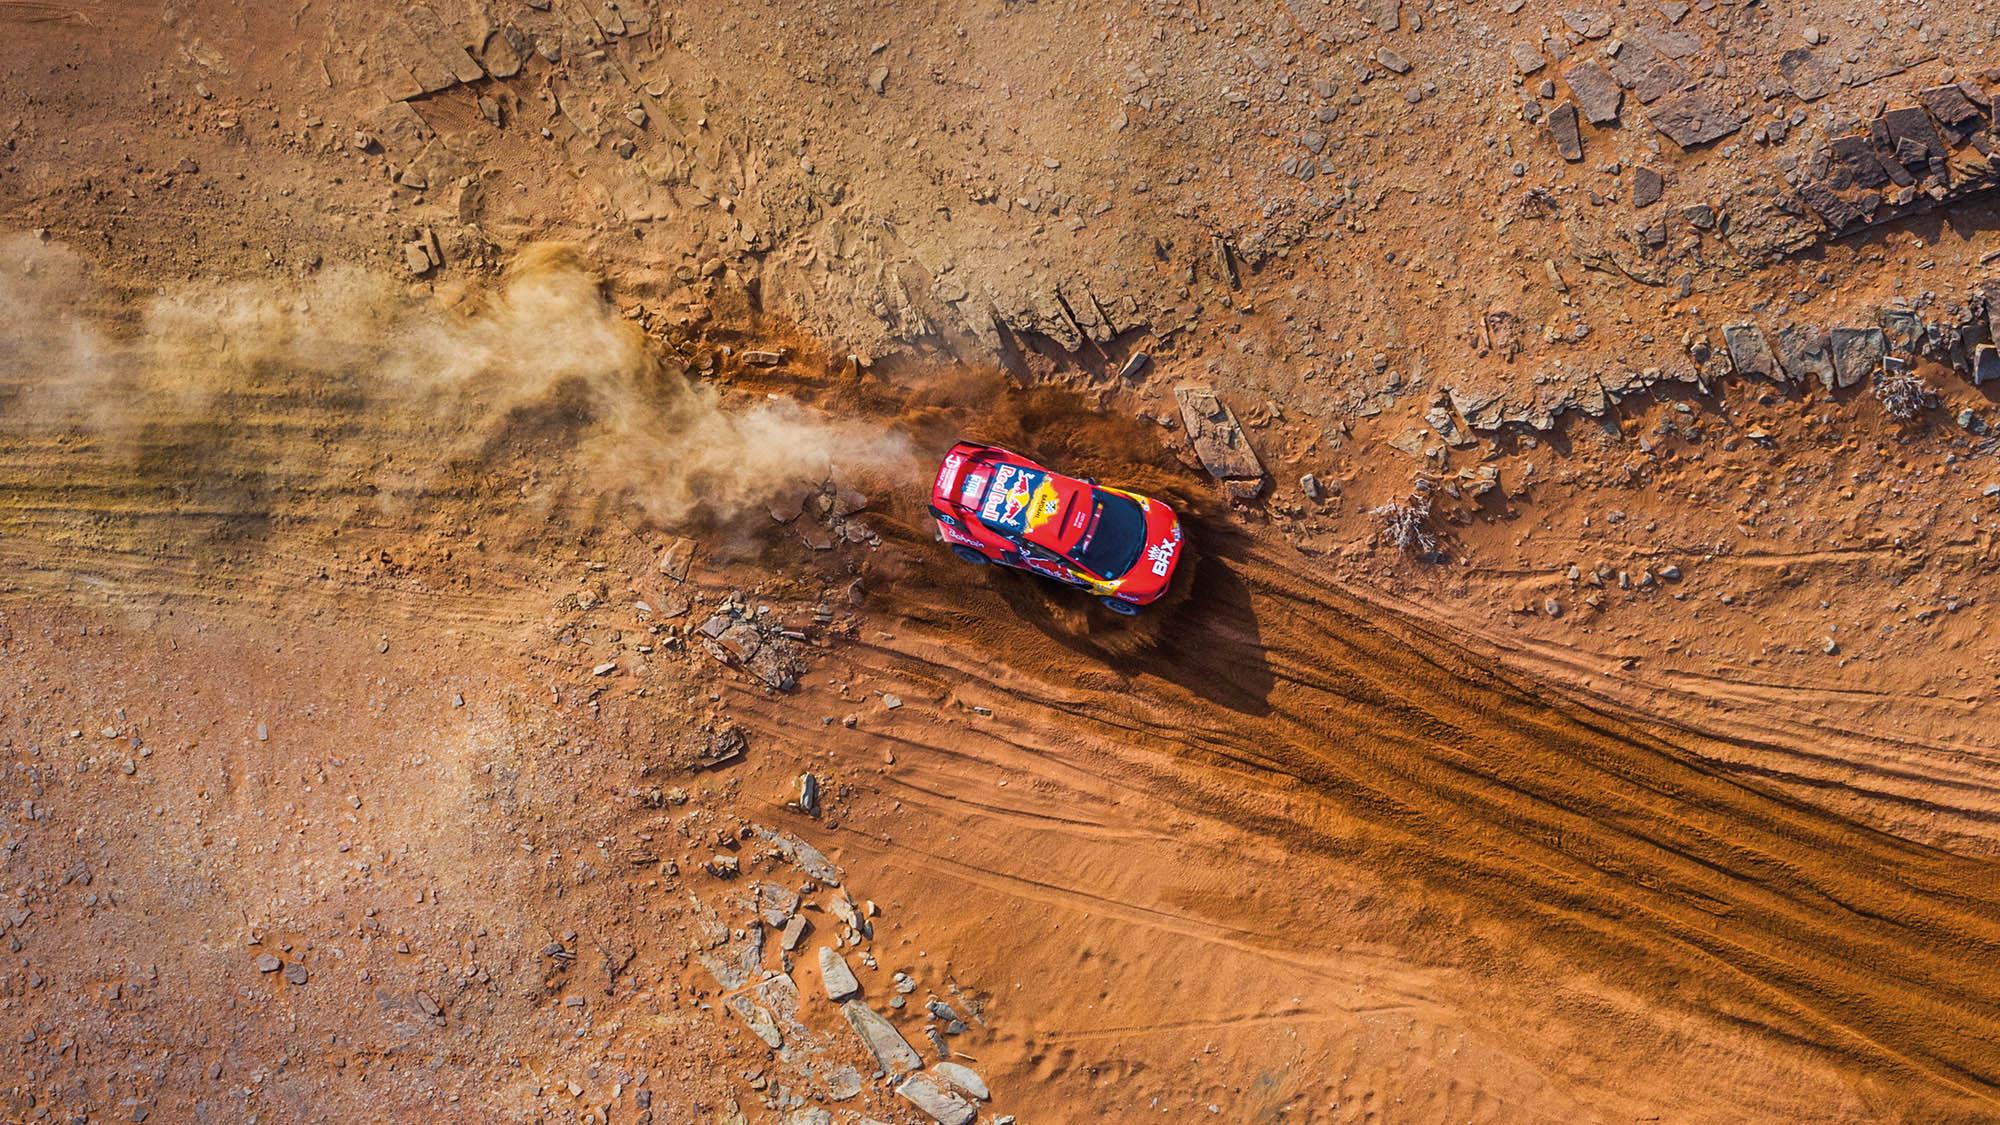 Overhead shot of BRX of Sebastien Loeb on the 2021 Dakar